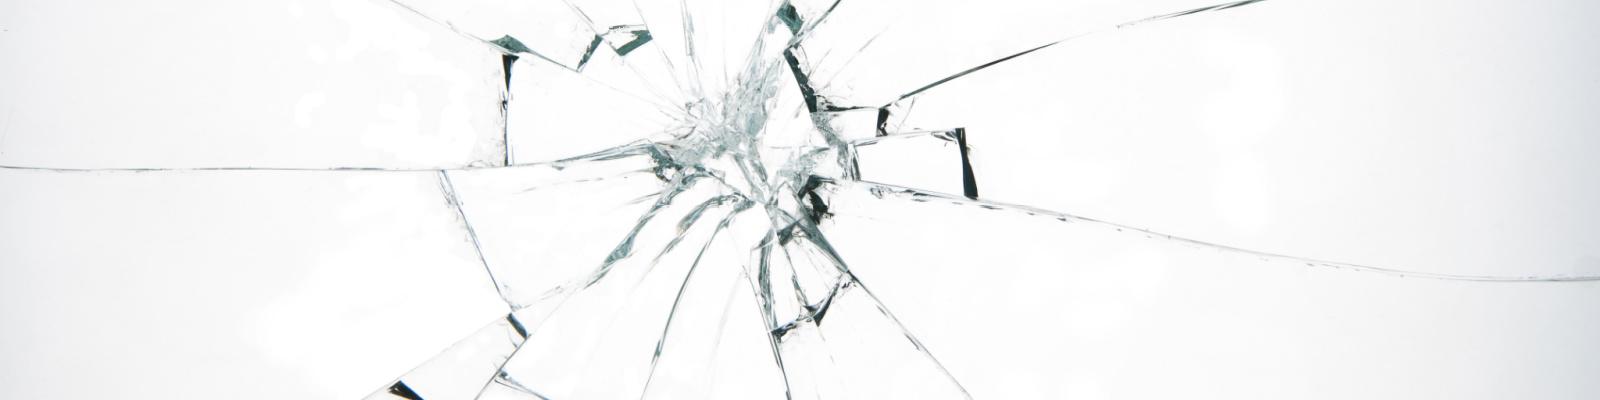 Glasschade herstellen